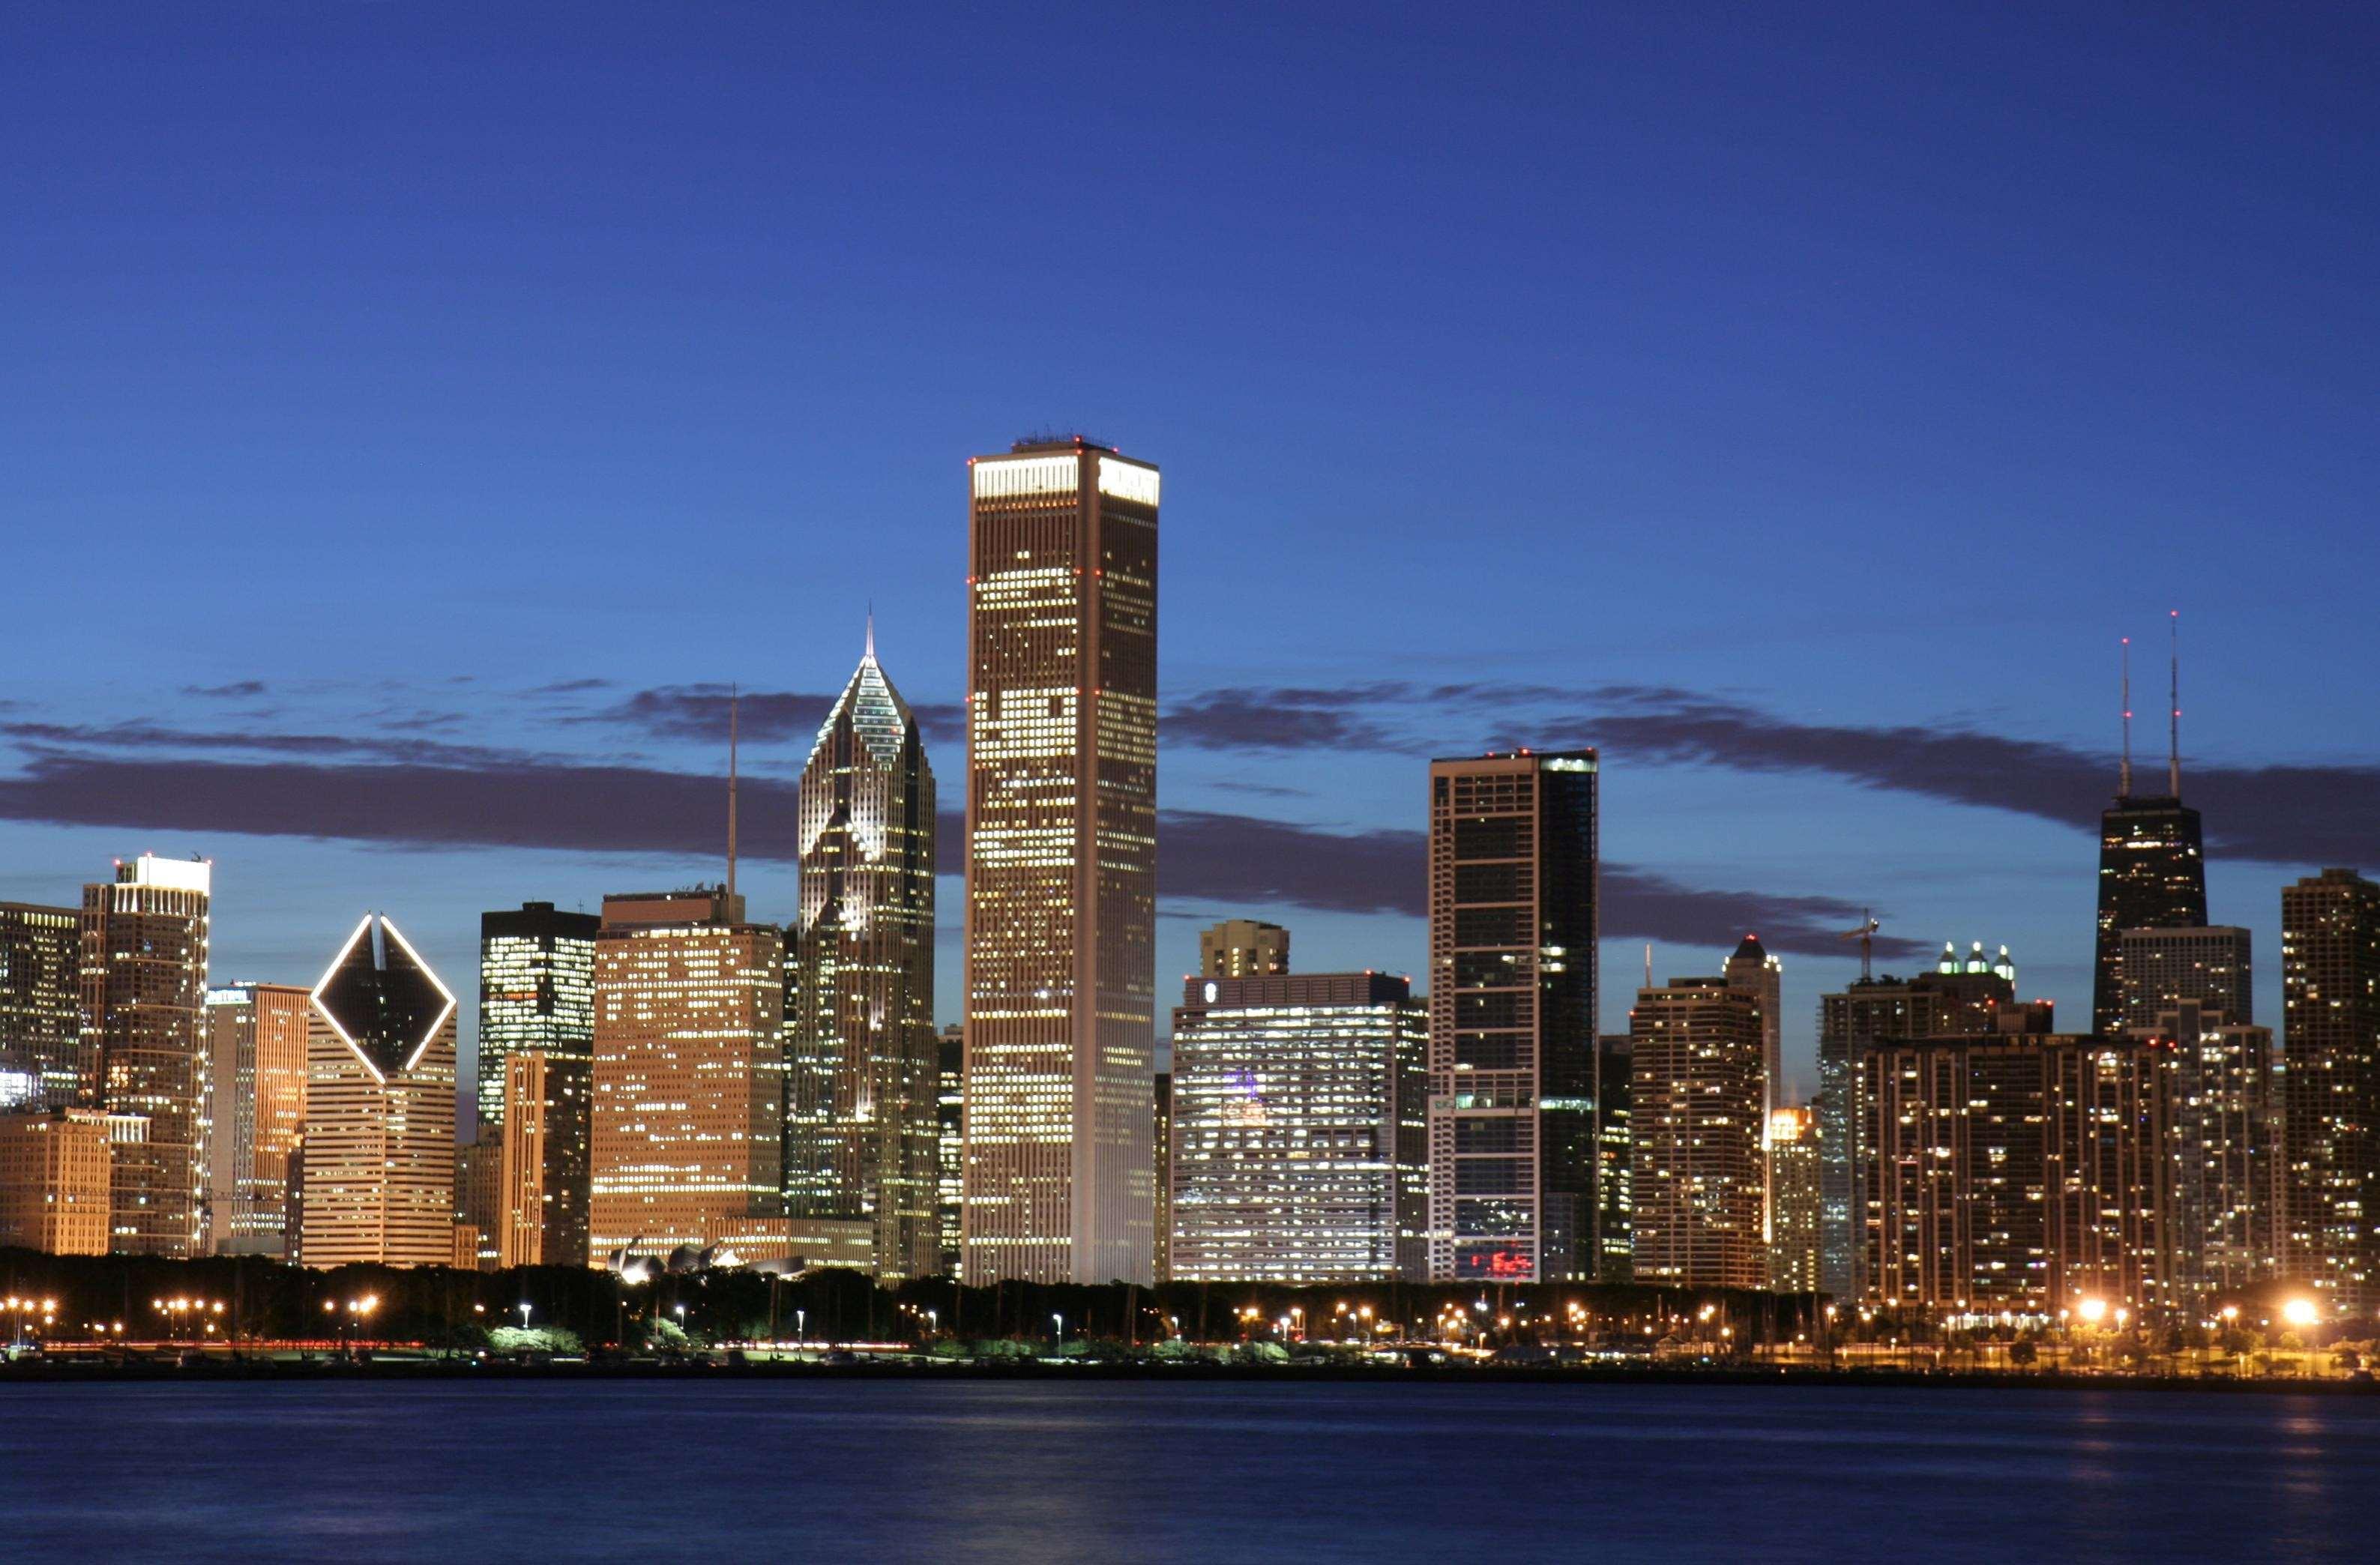 Hilton Hotel Lisle Chicago